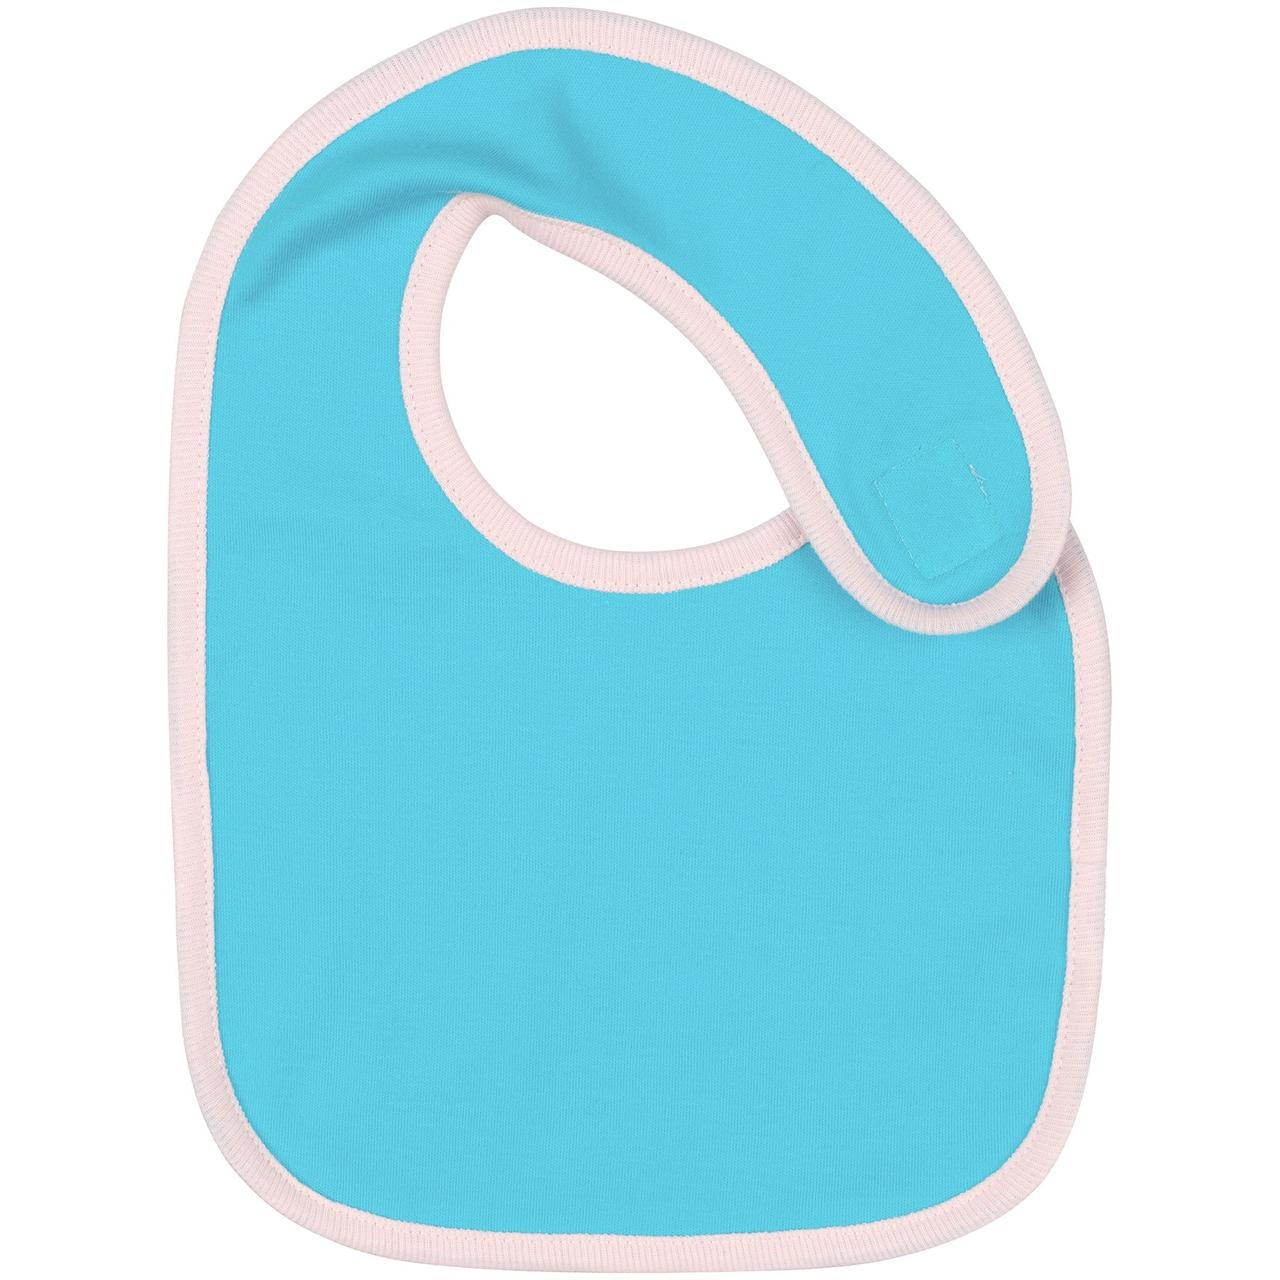 Нагрудник детский Baby Prime, бирюзовый с розовым (артикул 17090.42)